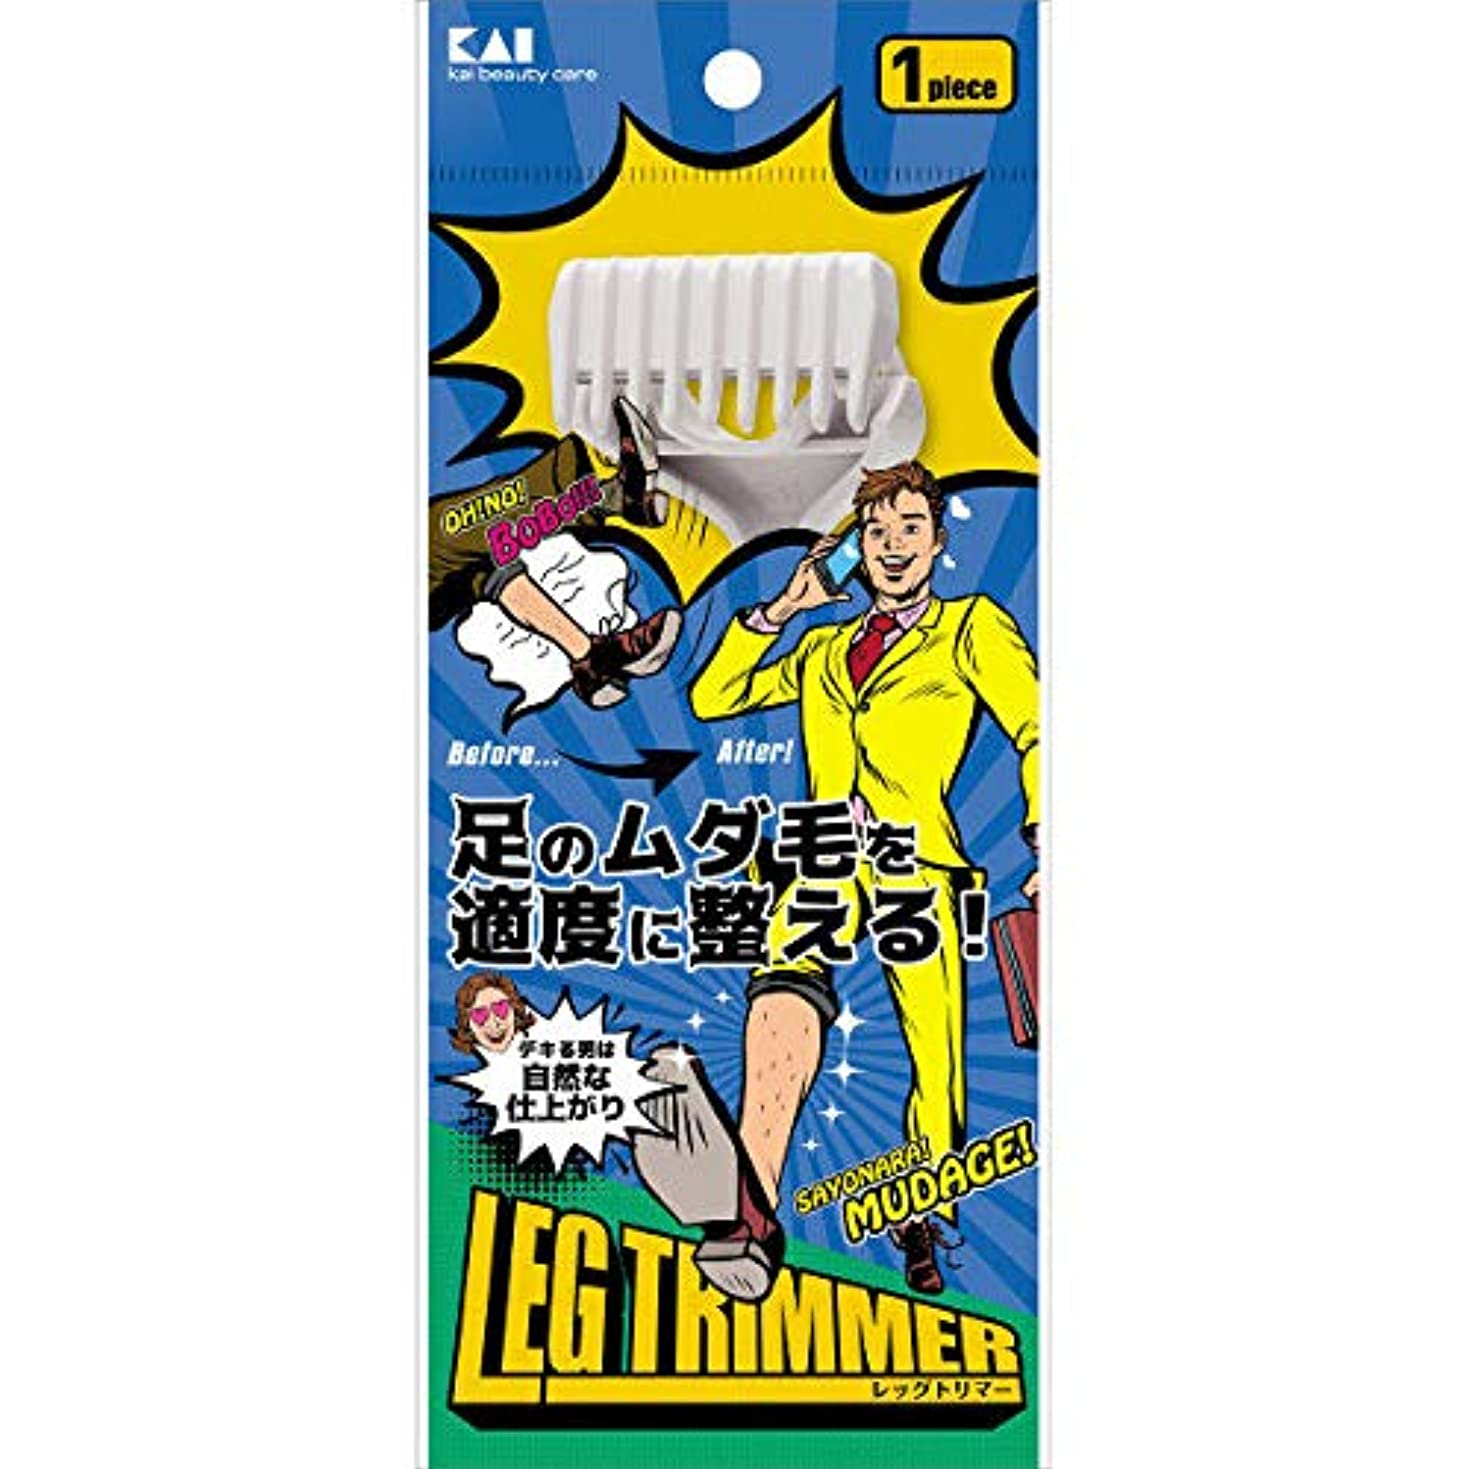 メーカー買い物に行く軽食KQ1810 レッグトリマー 1本入 男性用